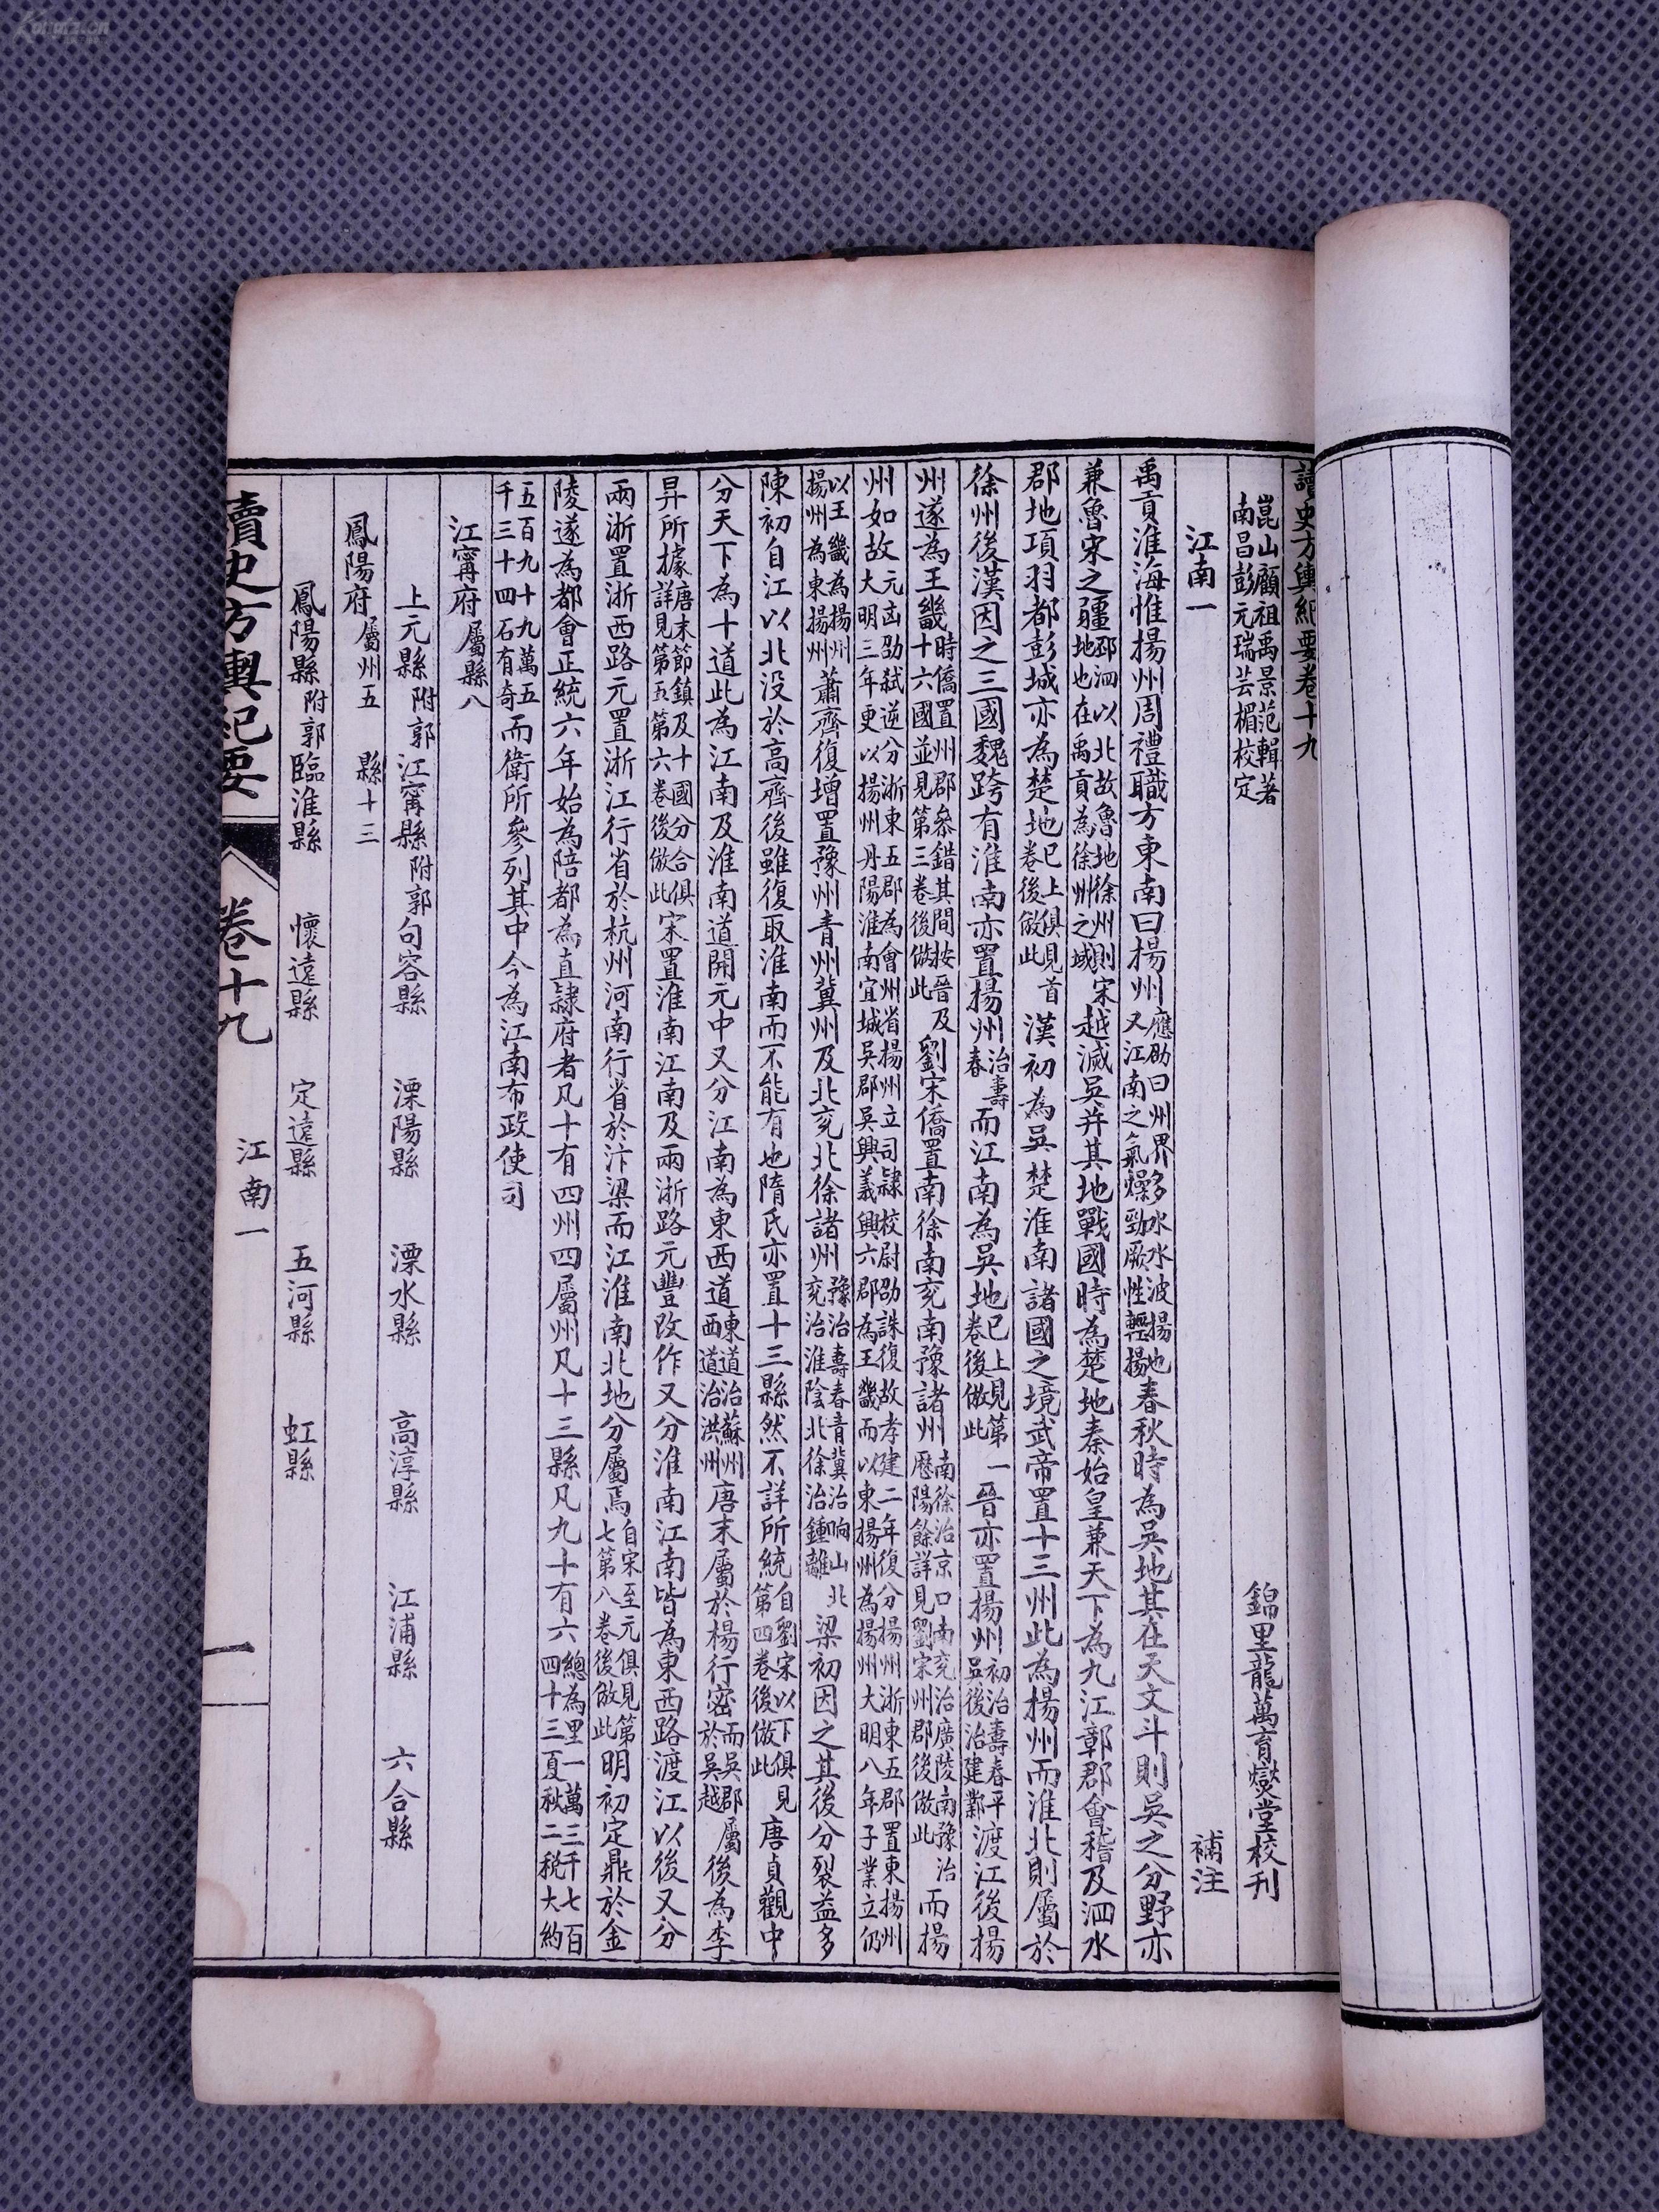 有底-清代兵家奇书《读史方舆纪要》32厚册一